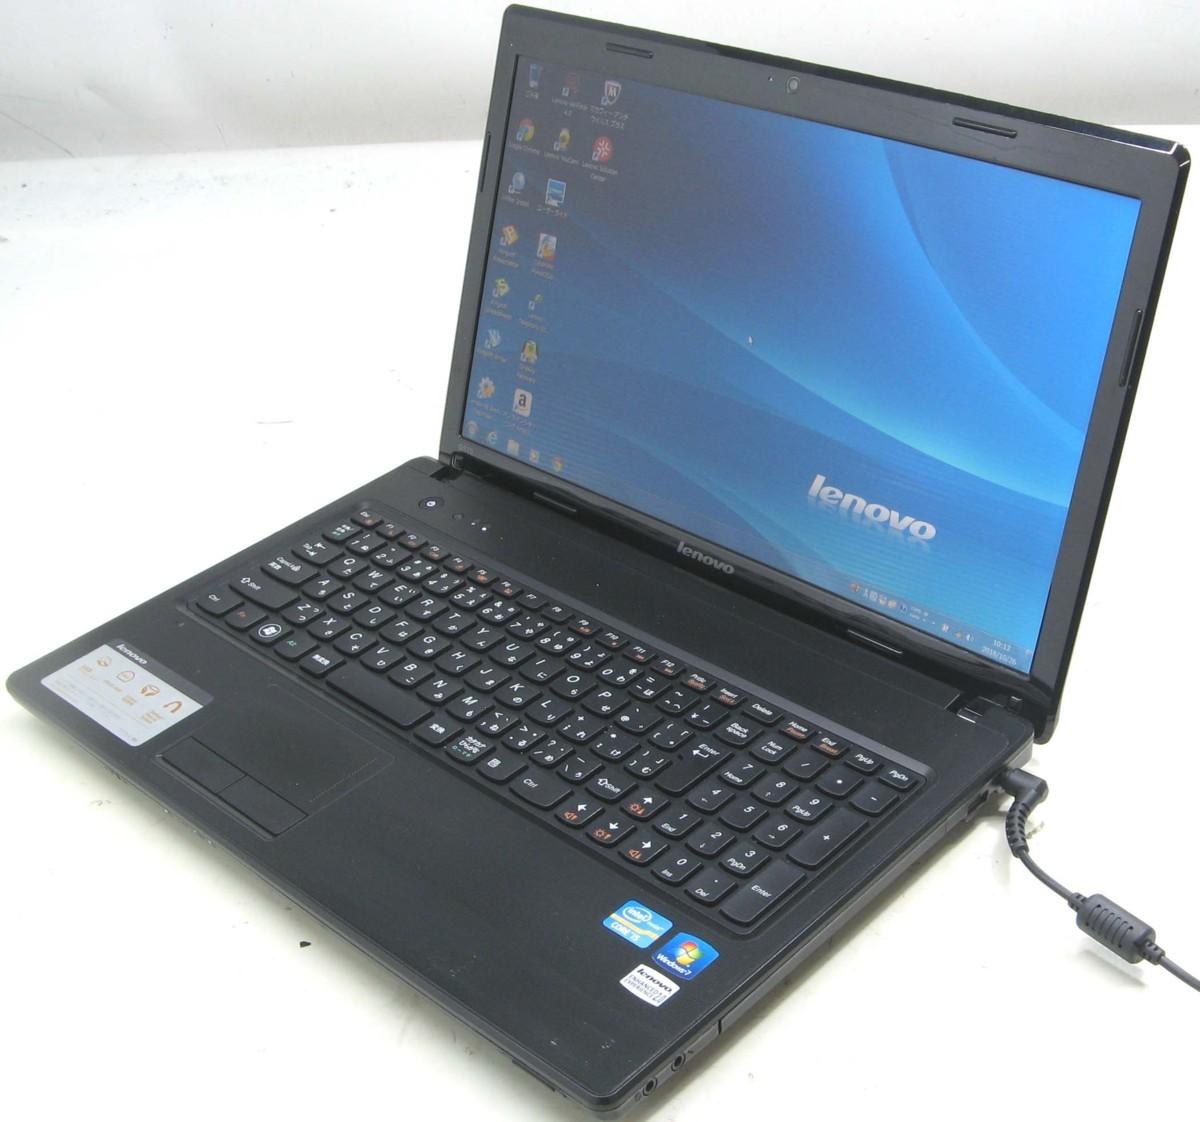 中古ノートパソコン Lenovo G570 4334(レノボ IBM Windows7 15.6インチ Corei5 DVDスーパーマルチドライブ)【中古】【中古パソコン/中古PC】